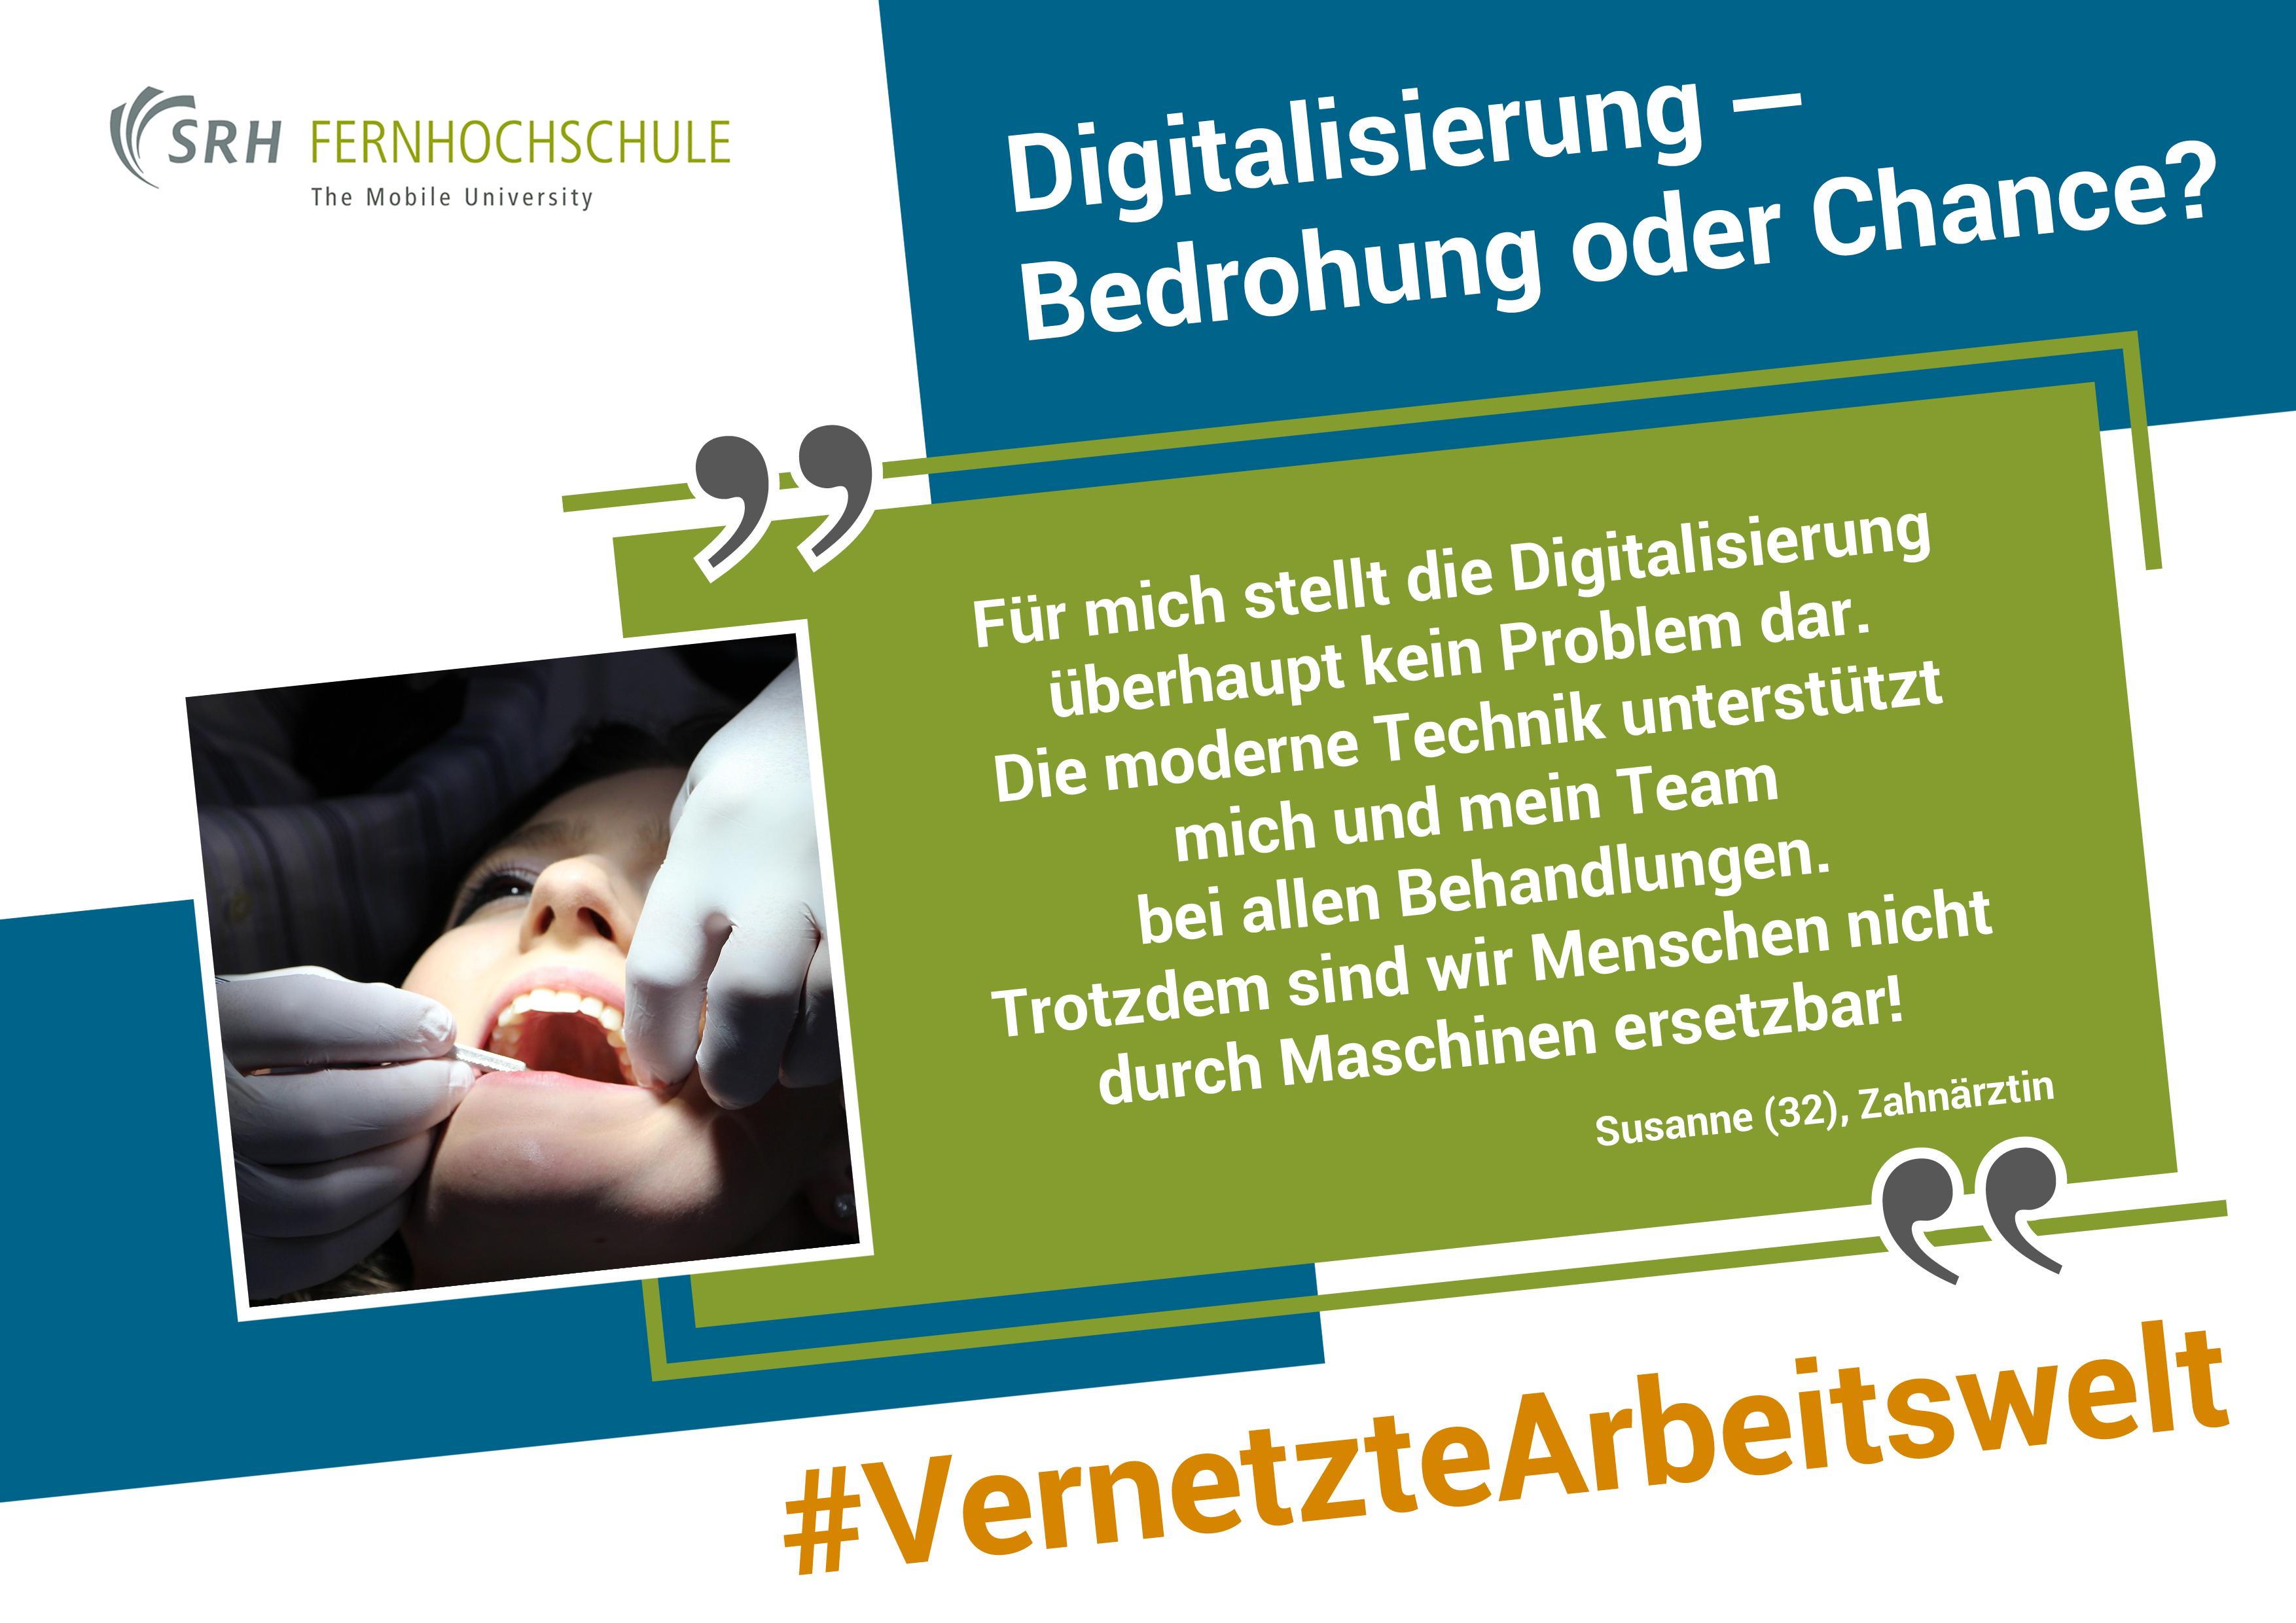 #VernetzteArbeitswelt – der digitale Arbeitnehmer